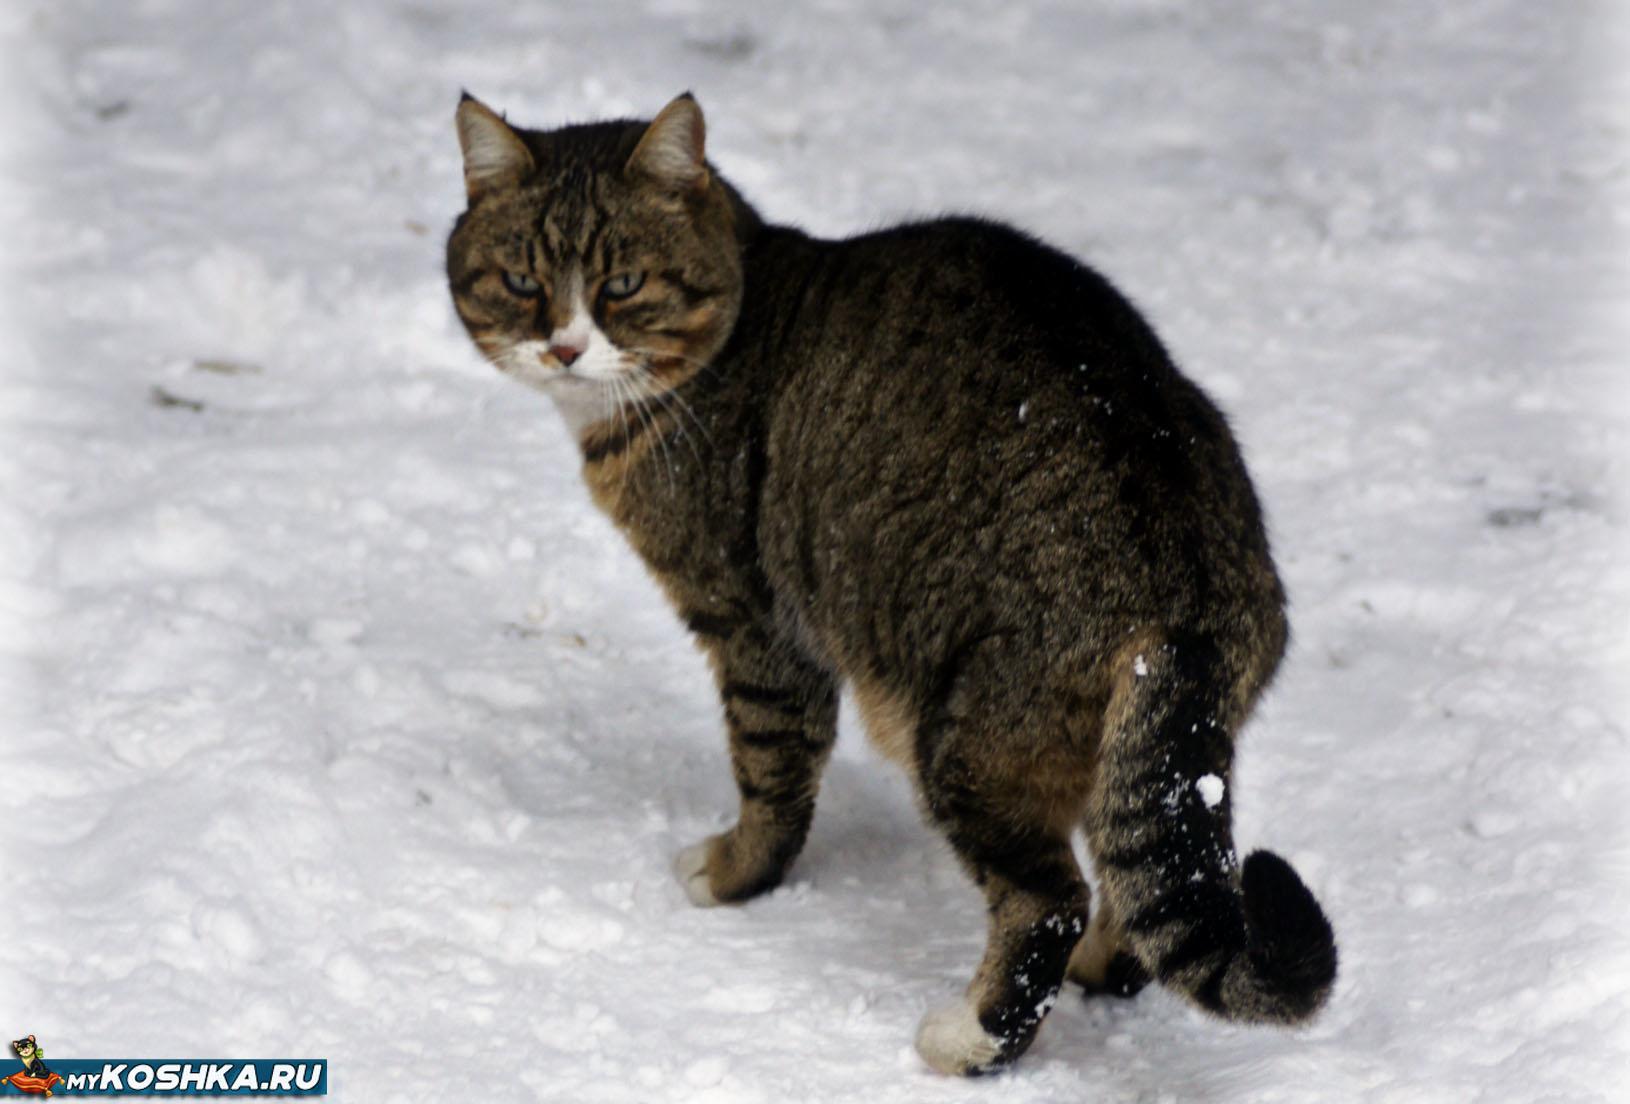 Сколько дней может быть кот дома один